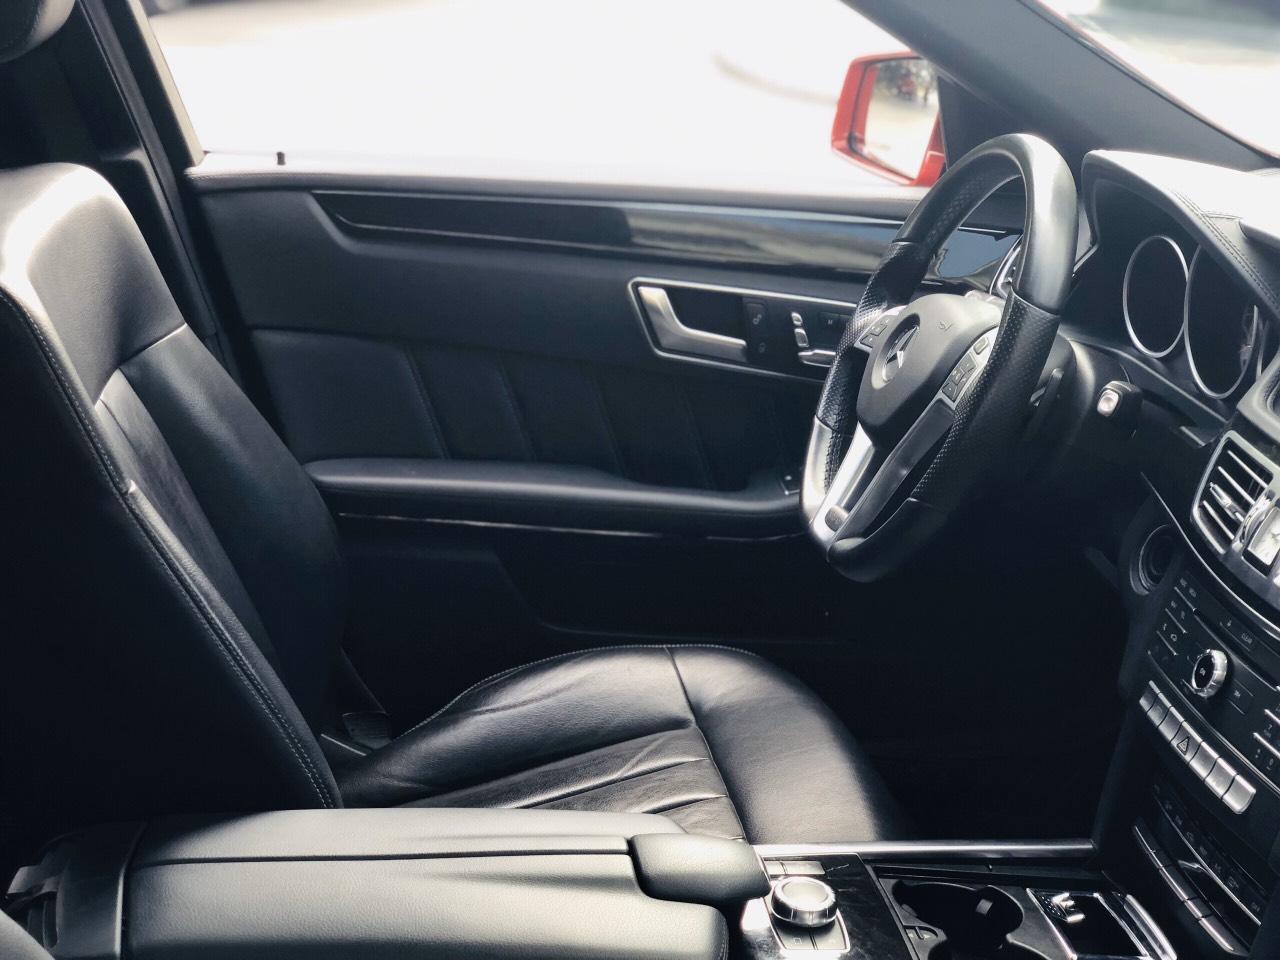 Mercedes Benz E250 AMG 2015